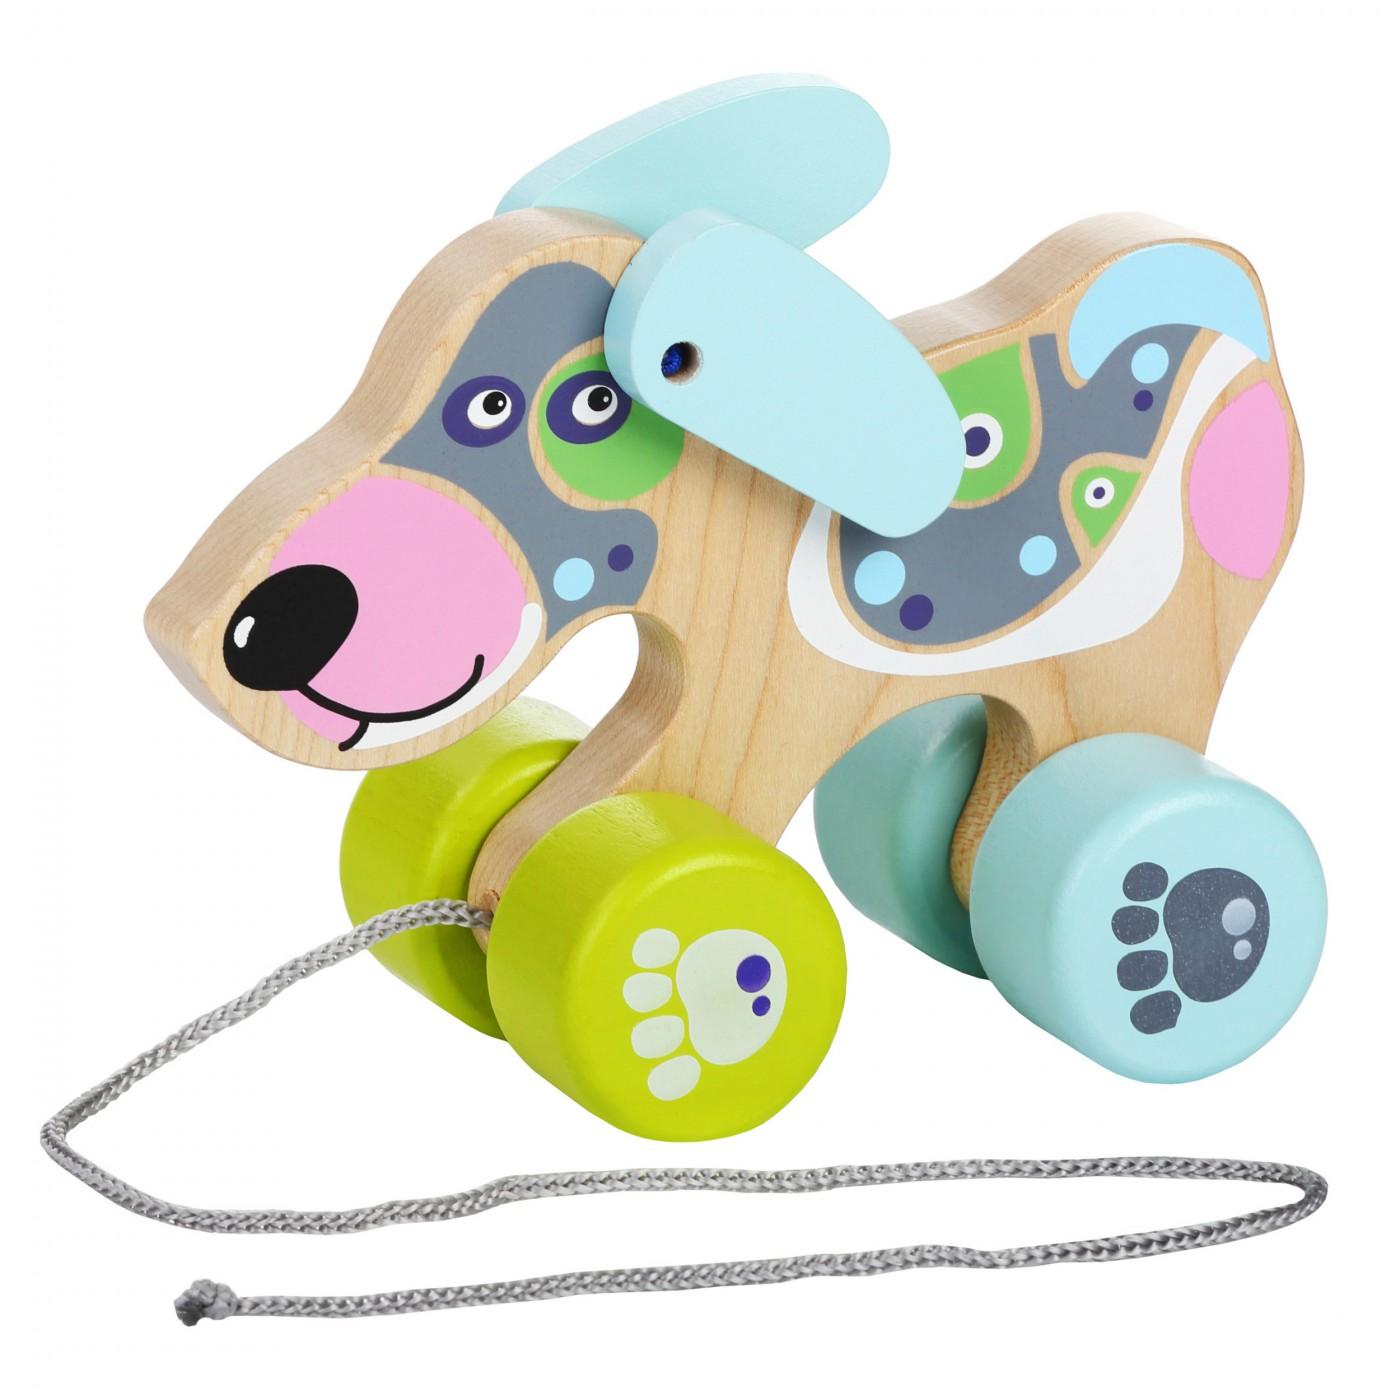 Ziehtier - Hund kreatives Design LK-1